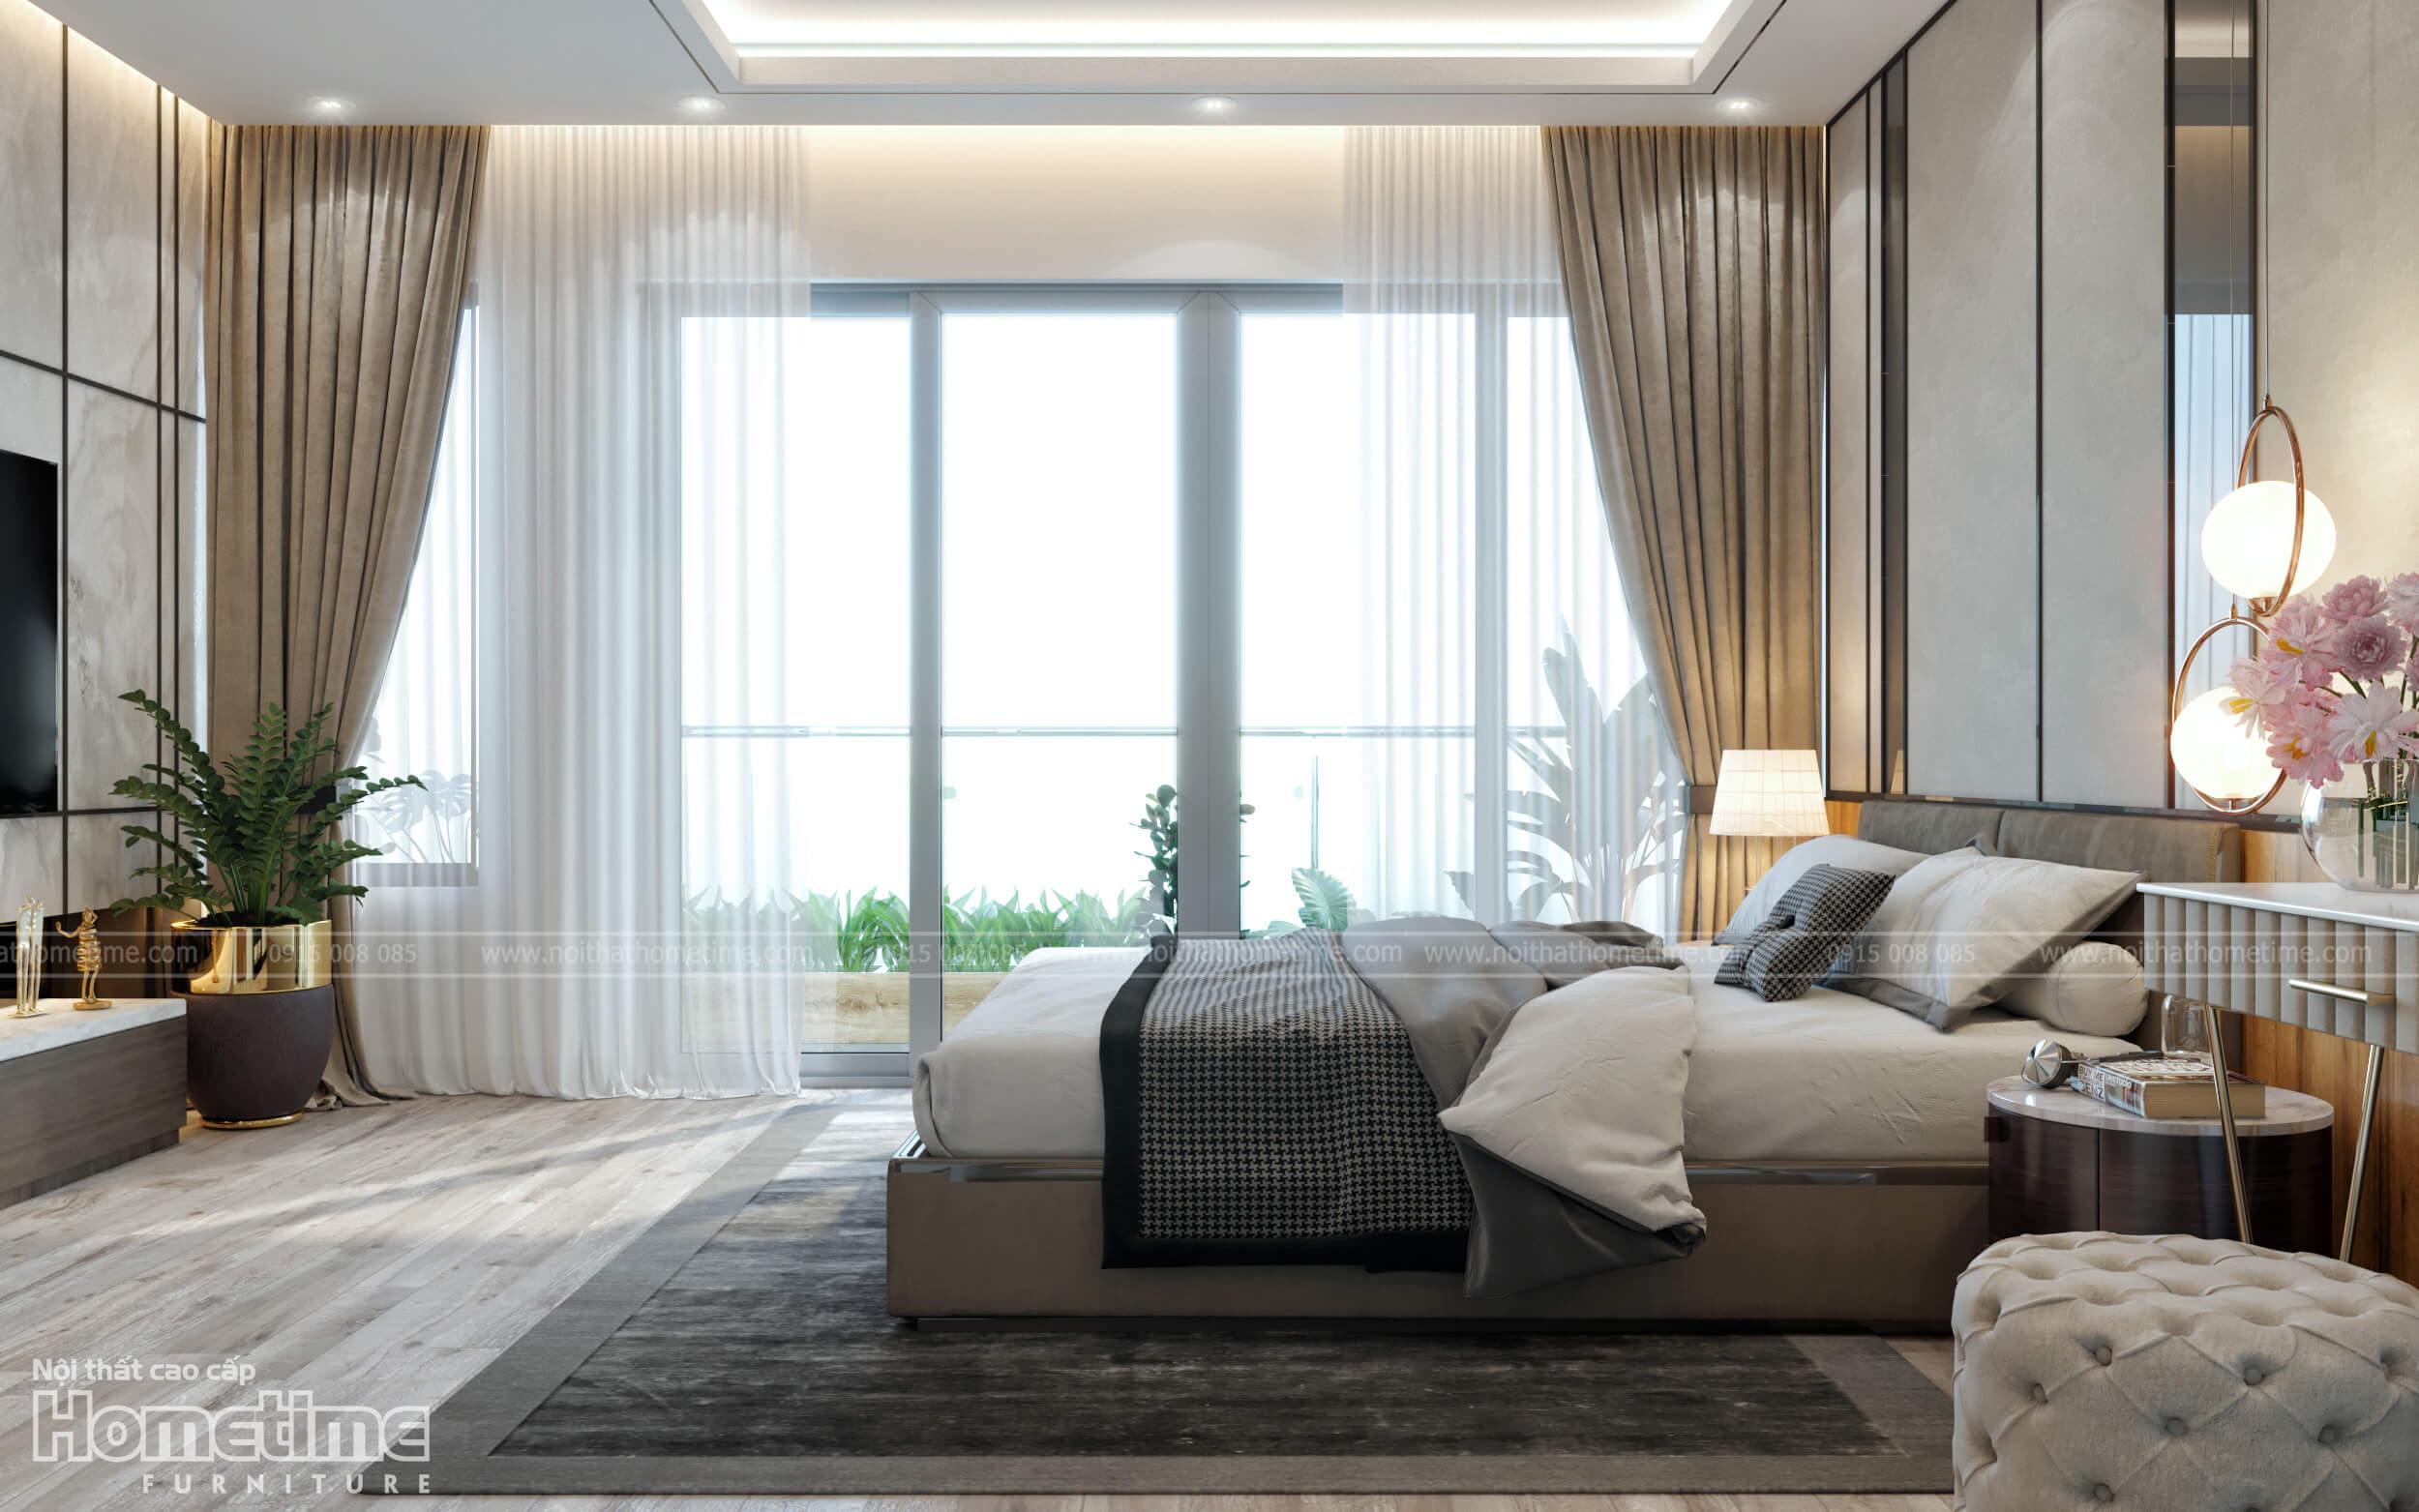 Phòng ngủ với hệ thống cửa kính lớn kết hợp rèm cửa trang trí hiện đại